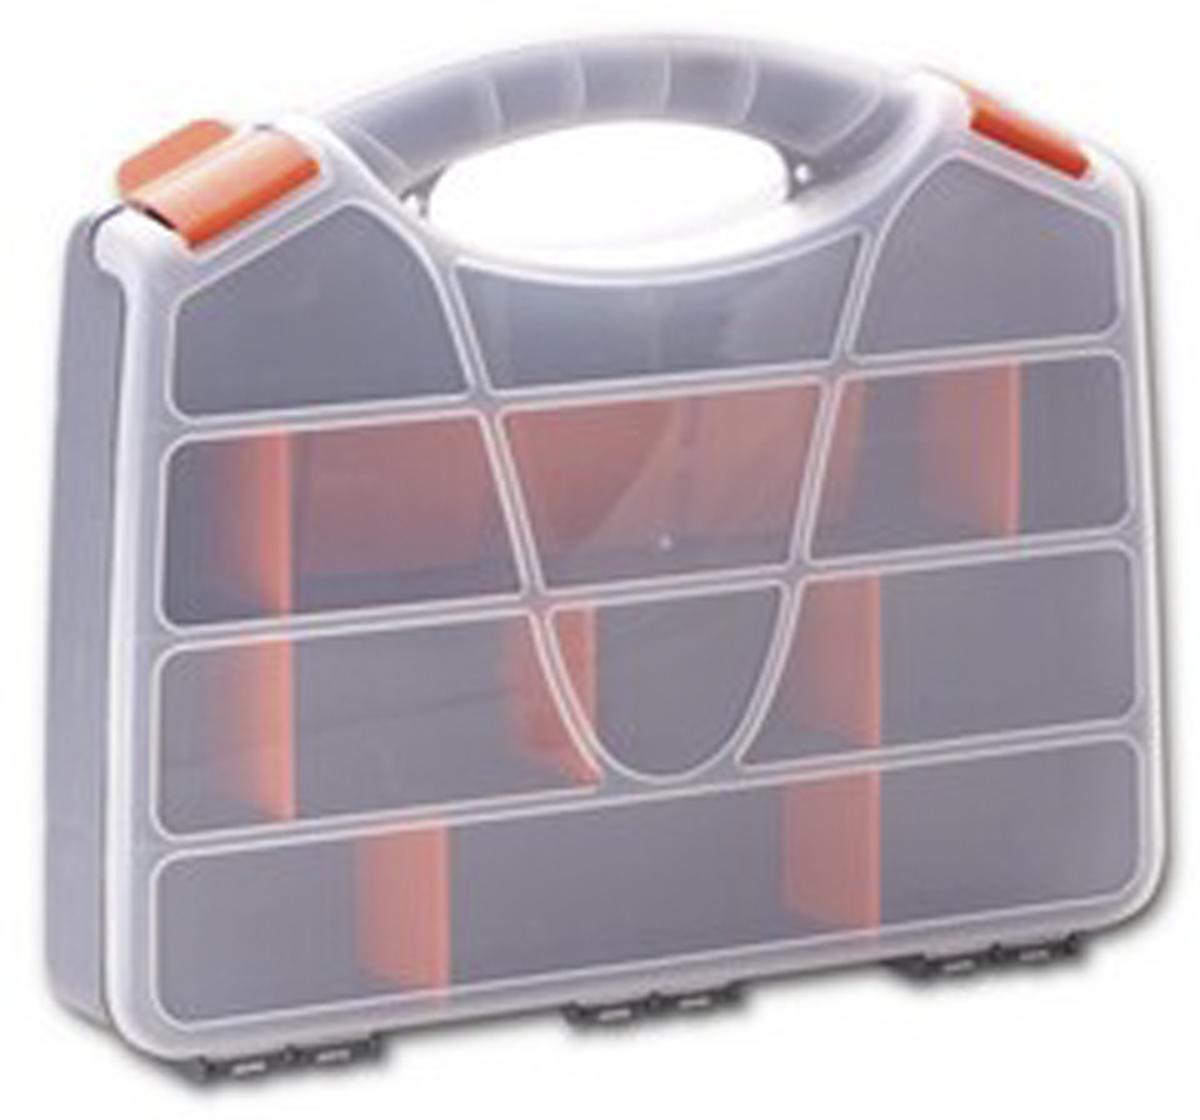 Органайзер для инструментов Blocker Profi, цвет: серый, оранжевый, 320 х 260 х 55 ммПЦ3720СРСВИНЦОРУдобный для переноски и хранения органайзер. Прозрачная крышка, небольшой размер и продуманная эргономика делают хранение любых мелочей простым и эффективным. Надежные замки предохраняют от случайного открытия, набор съемных разделителей позволяет организовать пространство в соответствии с Вашими пожеланиями.